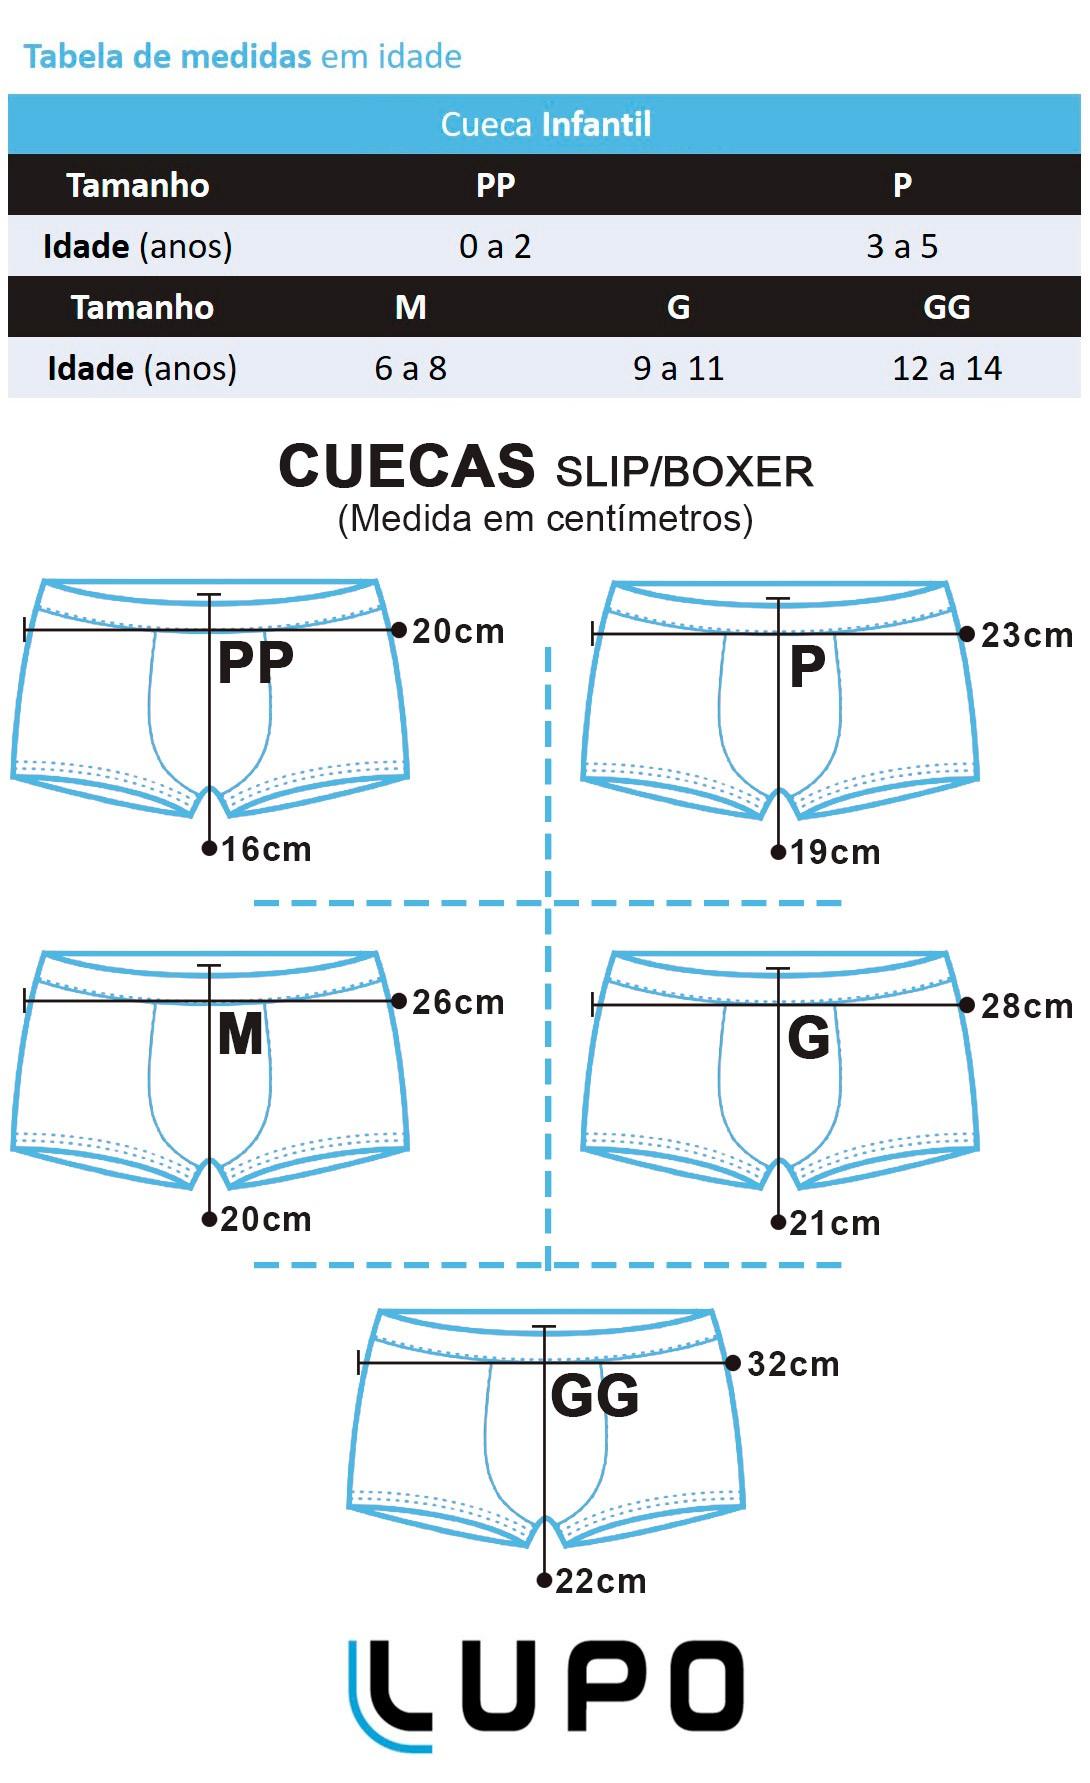 Cueca Infantil Boxer Kit com 2 cuecas Branca e Preta - Lupo: Tabela de medidas